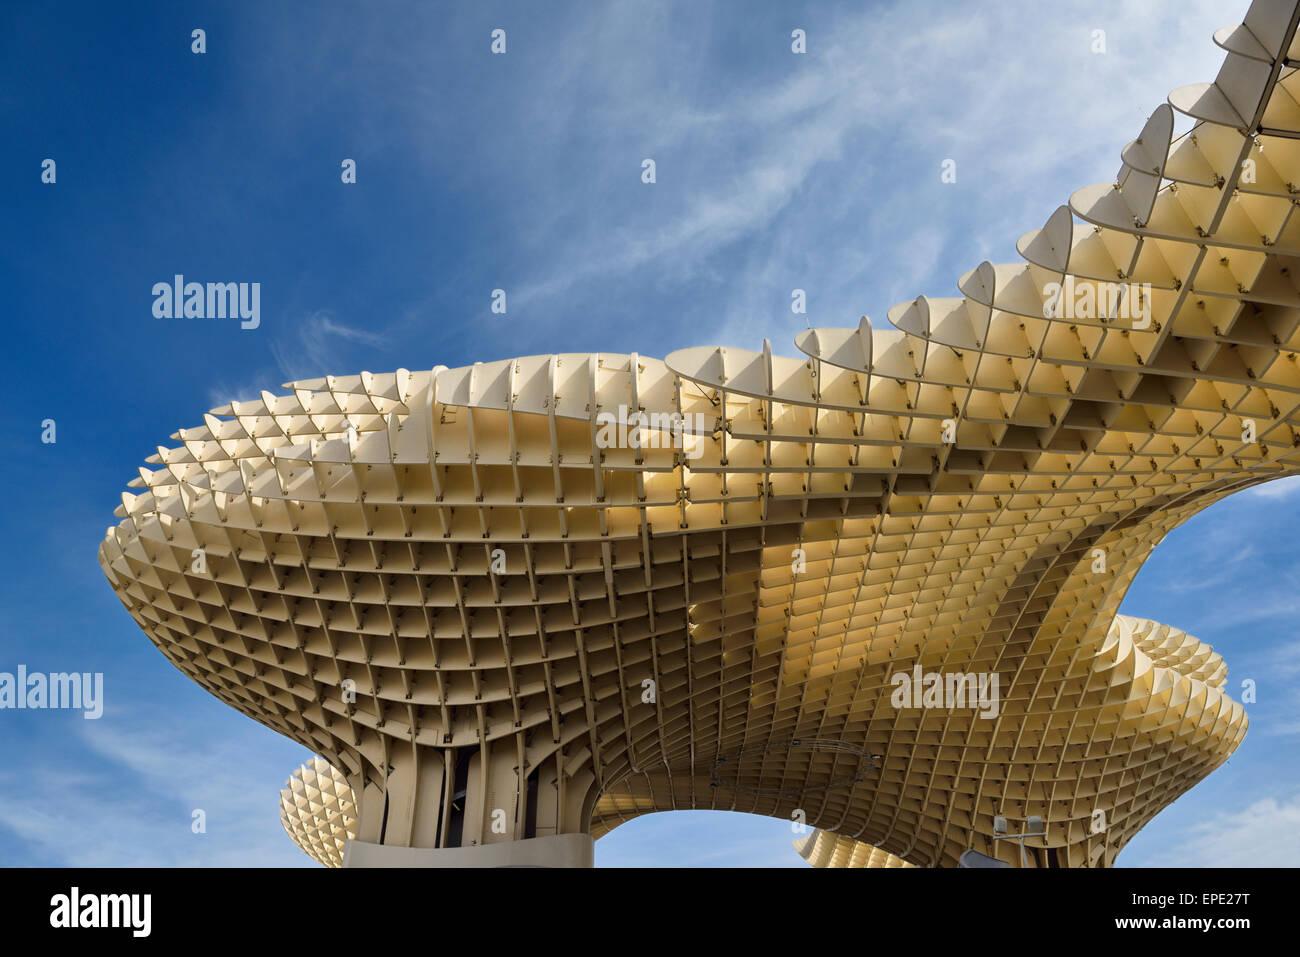 Moderna architettura astratta forme del Metropol parasol a plaza dell incarnazione siviglia spagna contro sky Immagini Stock